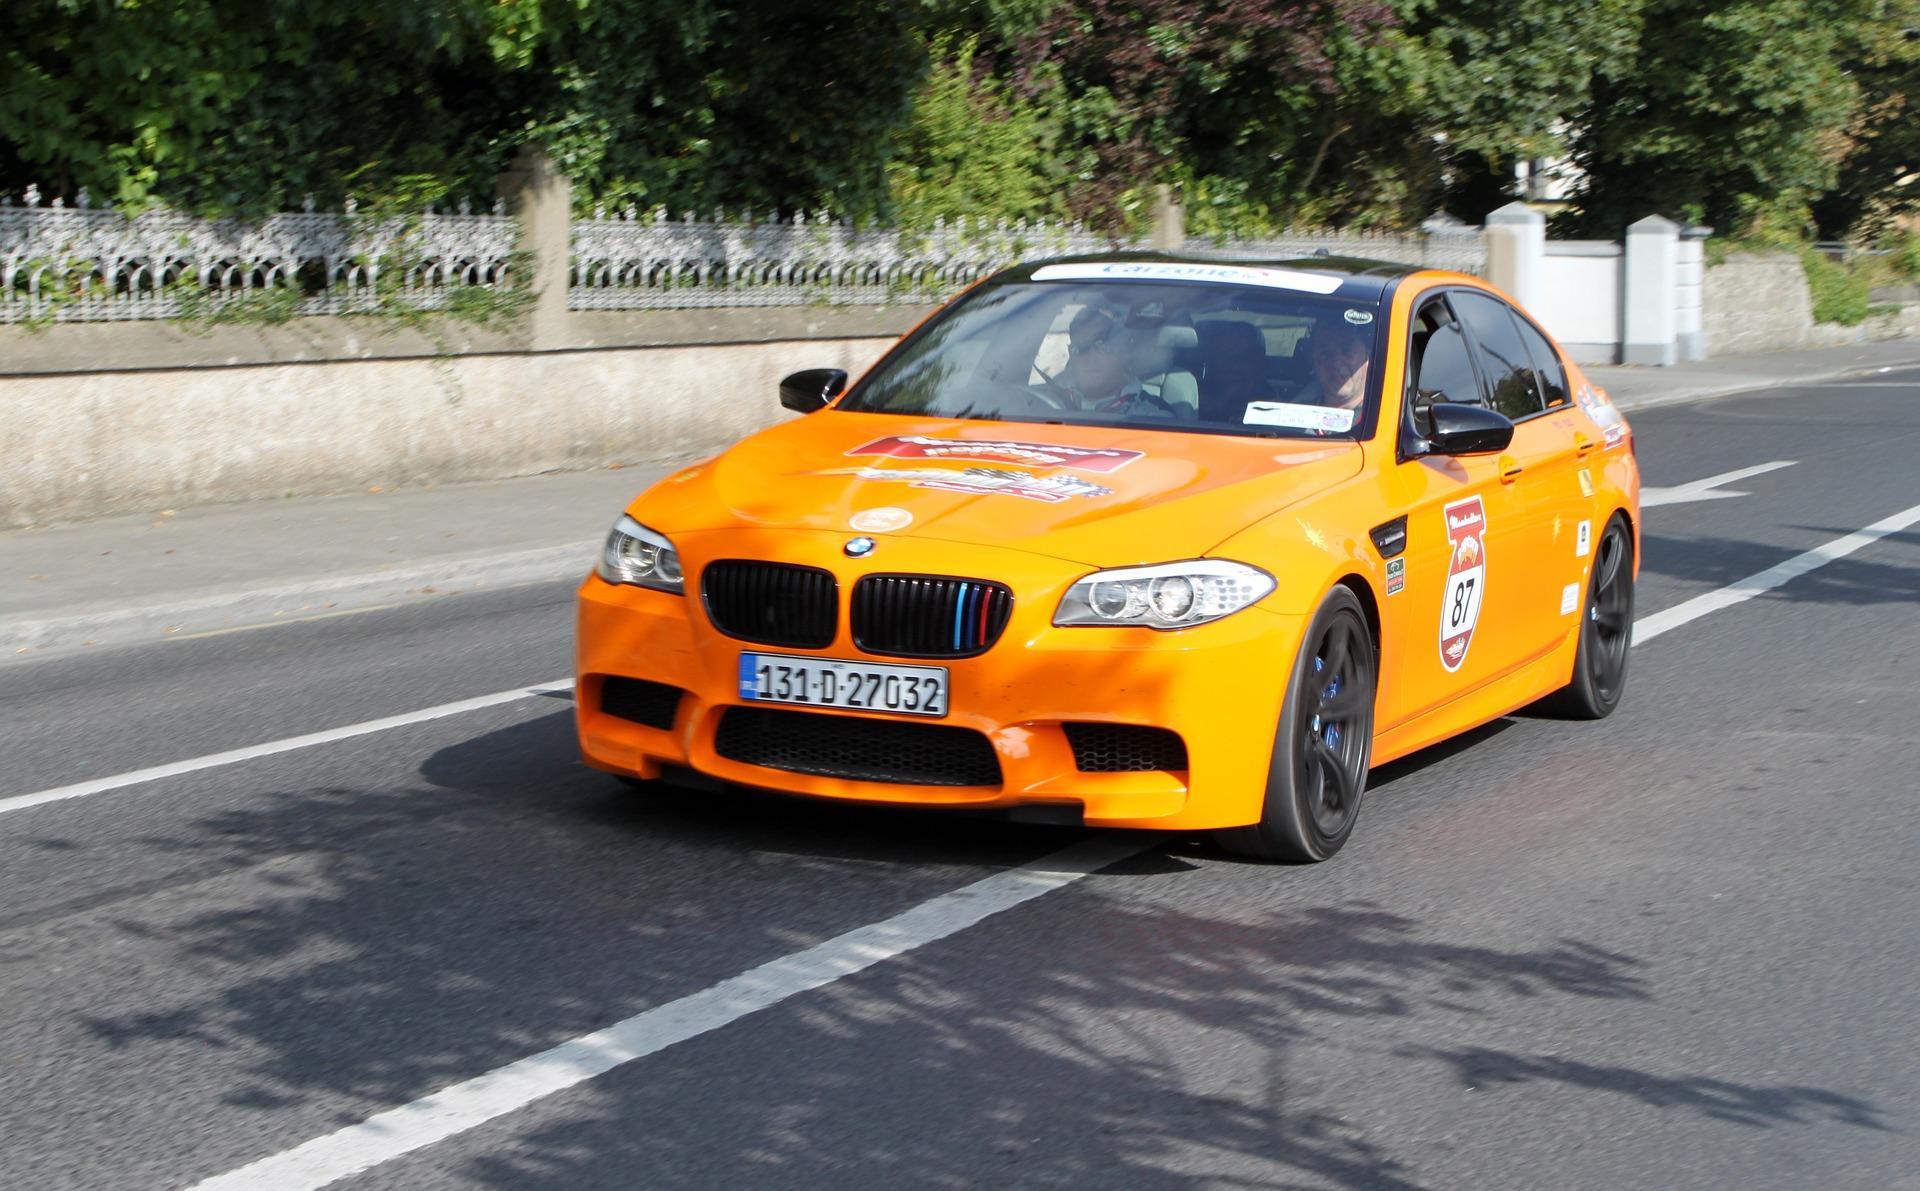 Alucar – wyposażenie samochodów